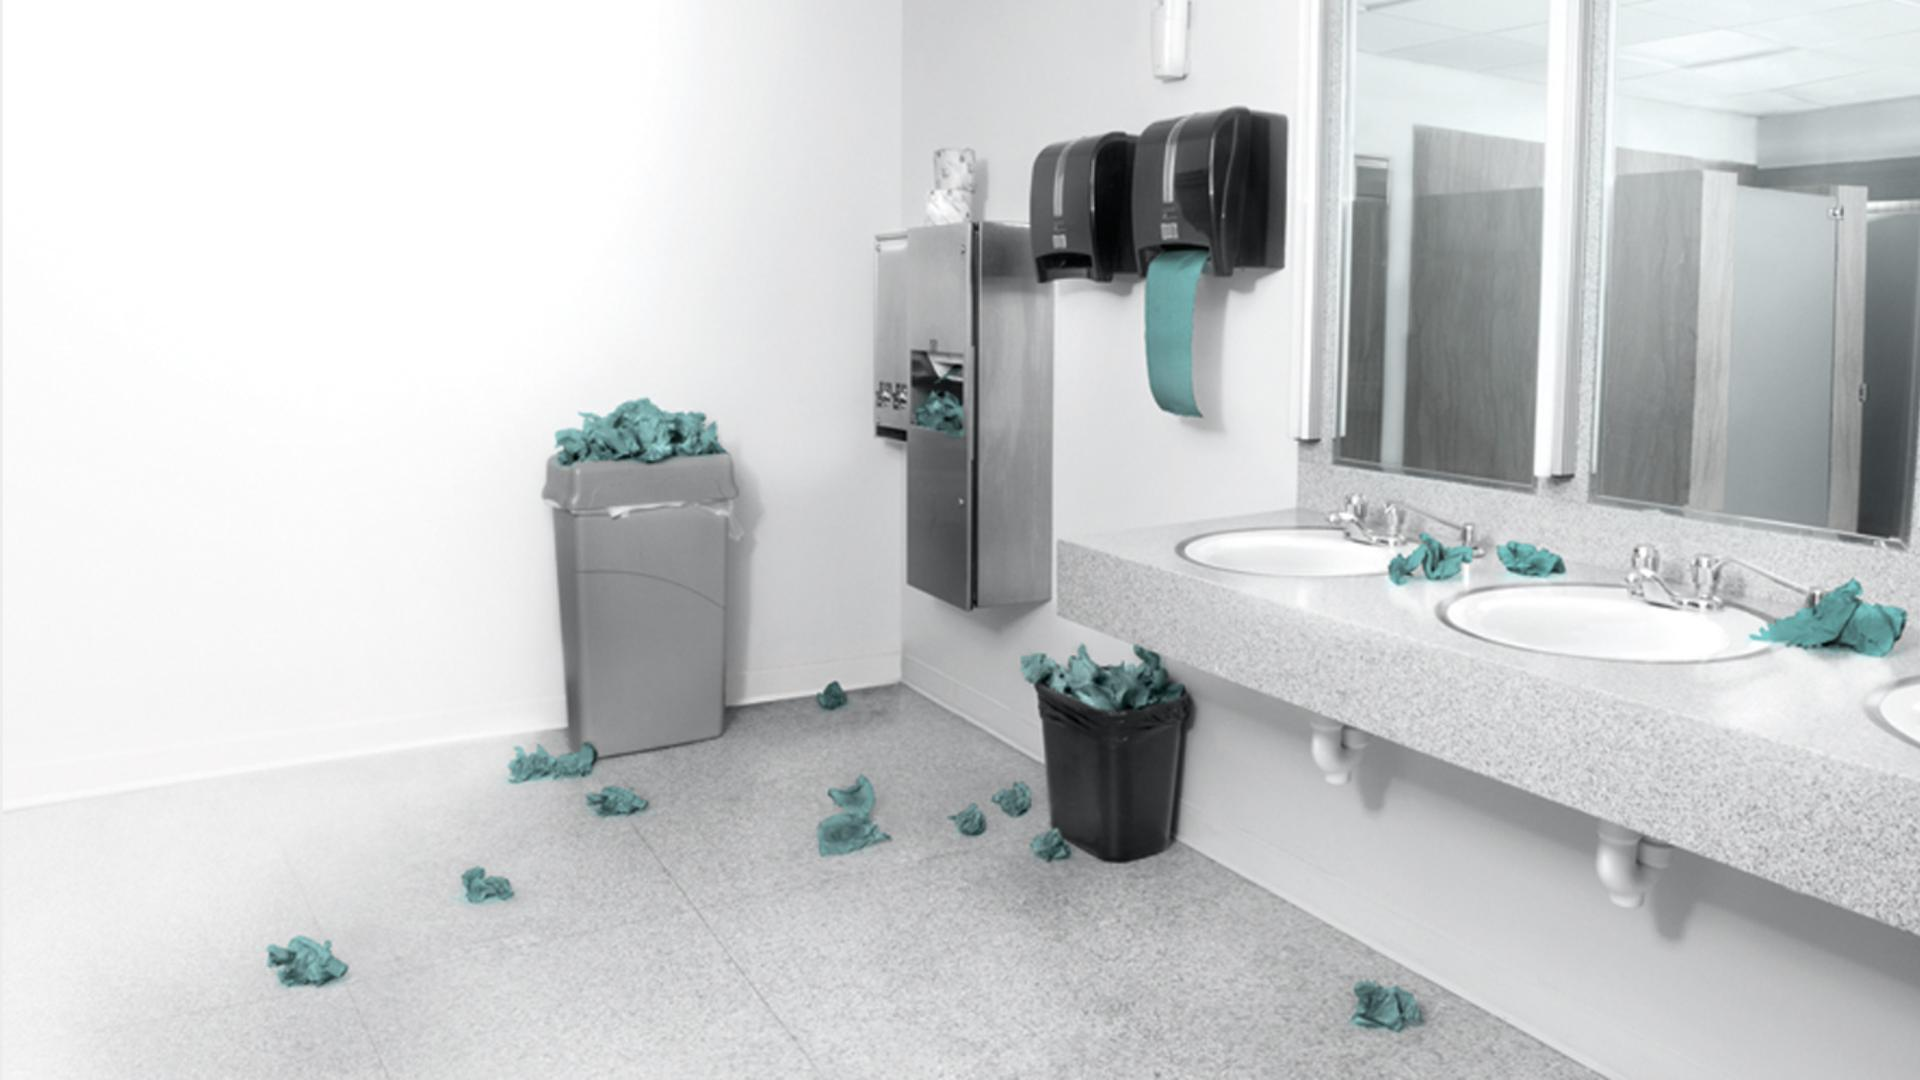 חדר שירותים מבולגן